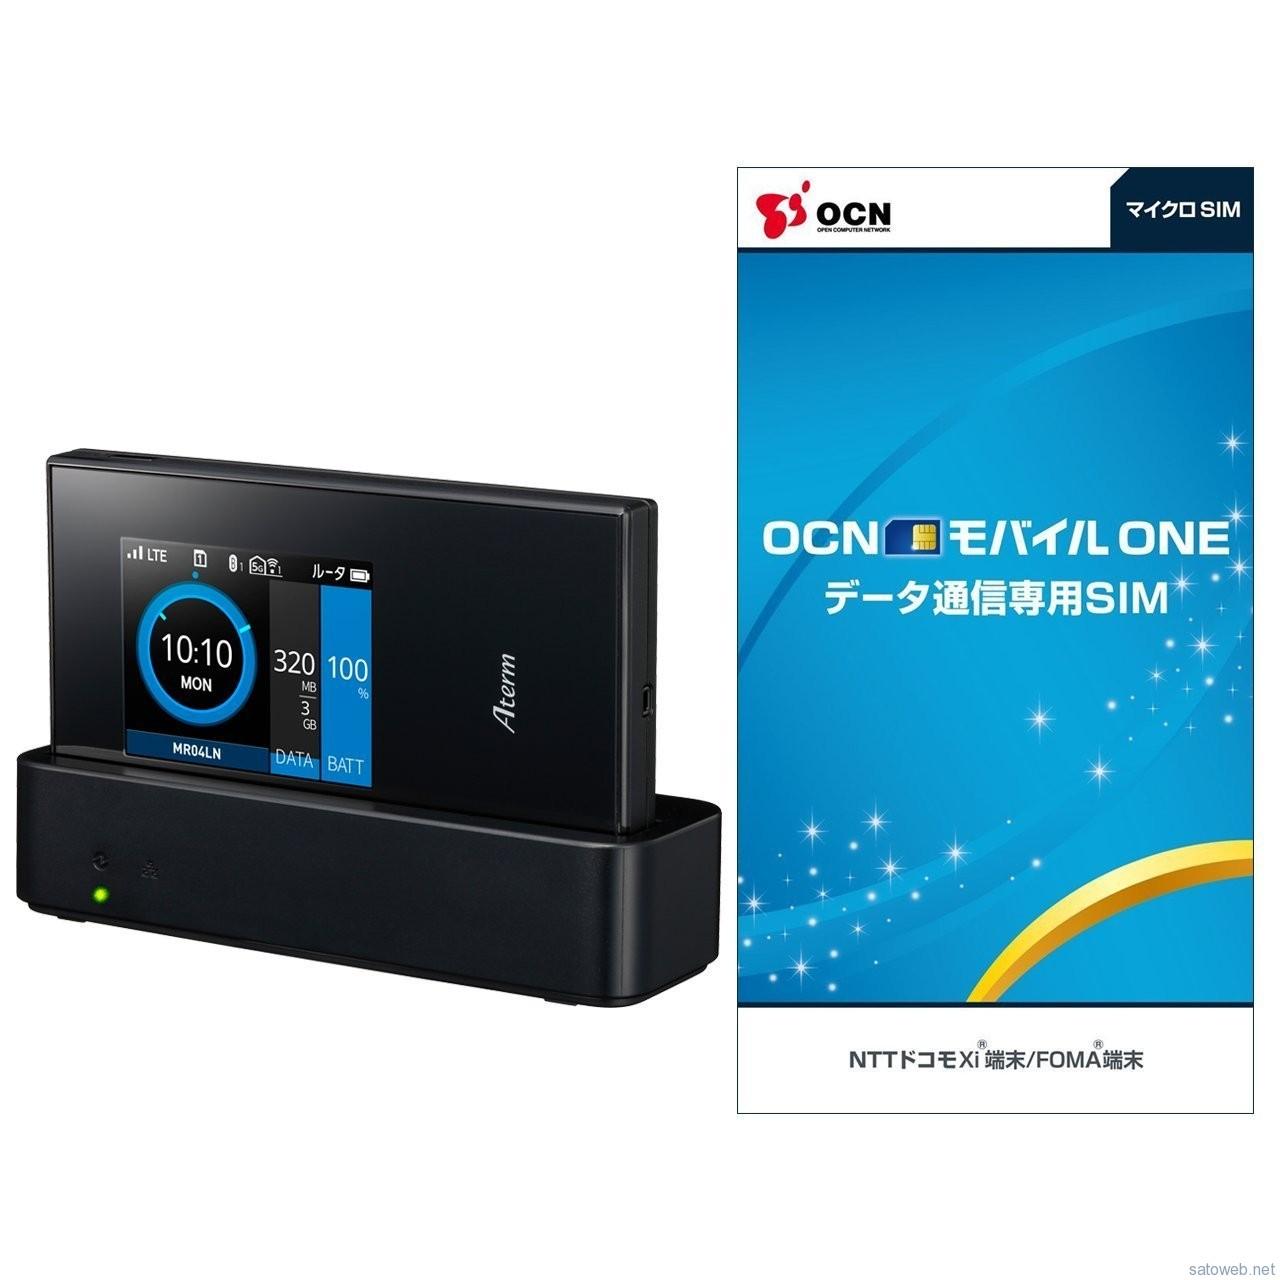 DualSIM対応モバイルルーター「MR04LN」がクレイドル・OCNSIM付でタイムセール!